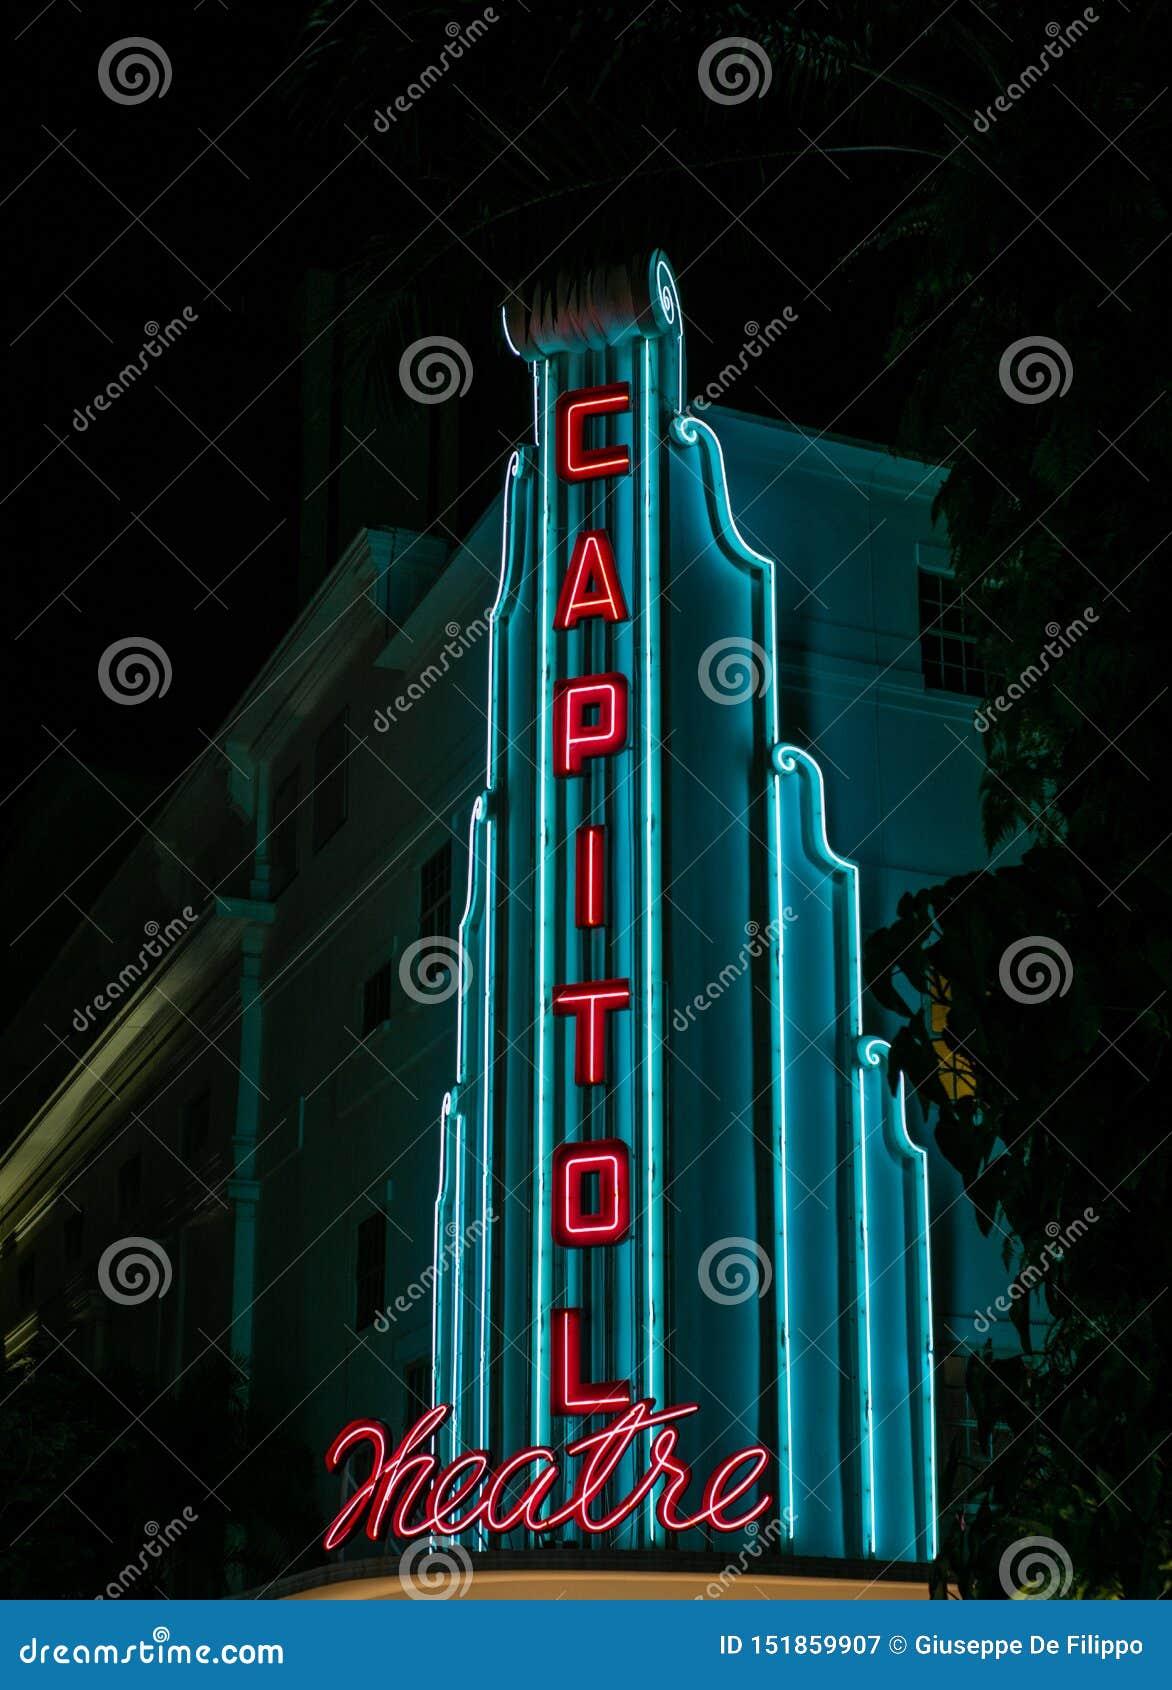 Άποψη του φωτισμένου σημαδιού του θεάτρου Capitol στη Σιγκαπούρη τη νύχτα